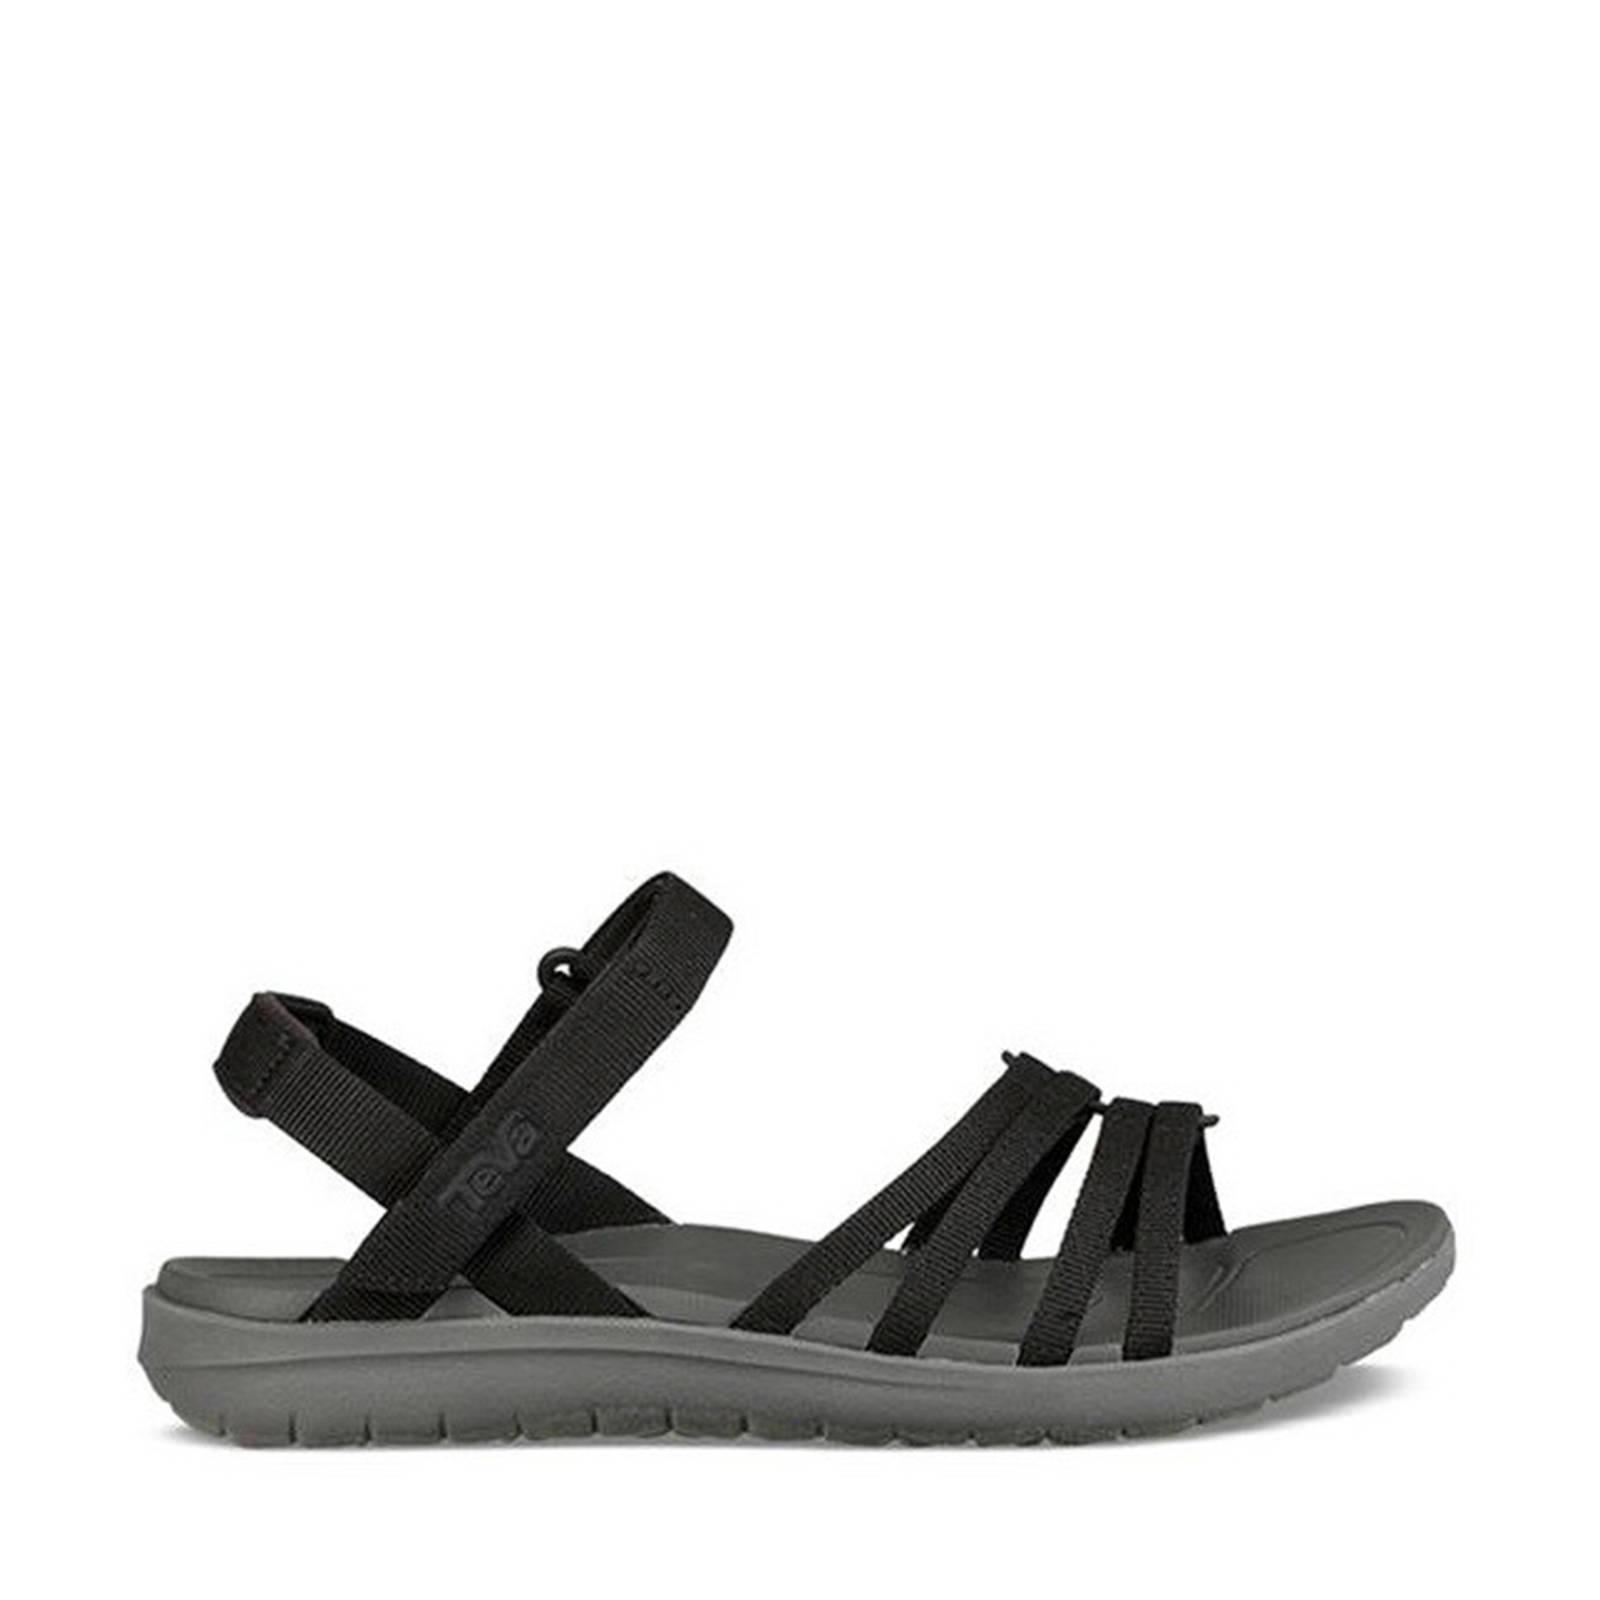 Sanborn Cota oudoor sandalen zwartgrijs